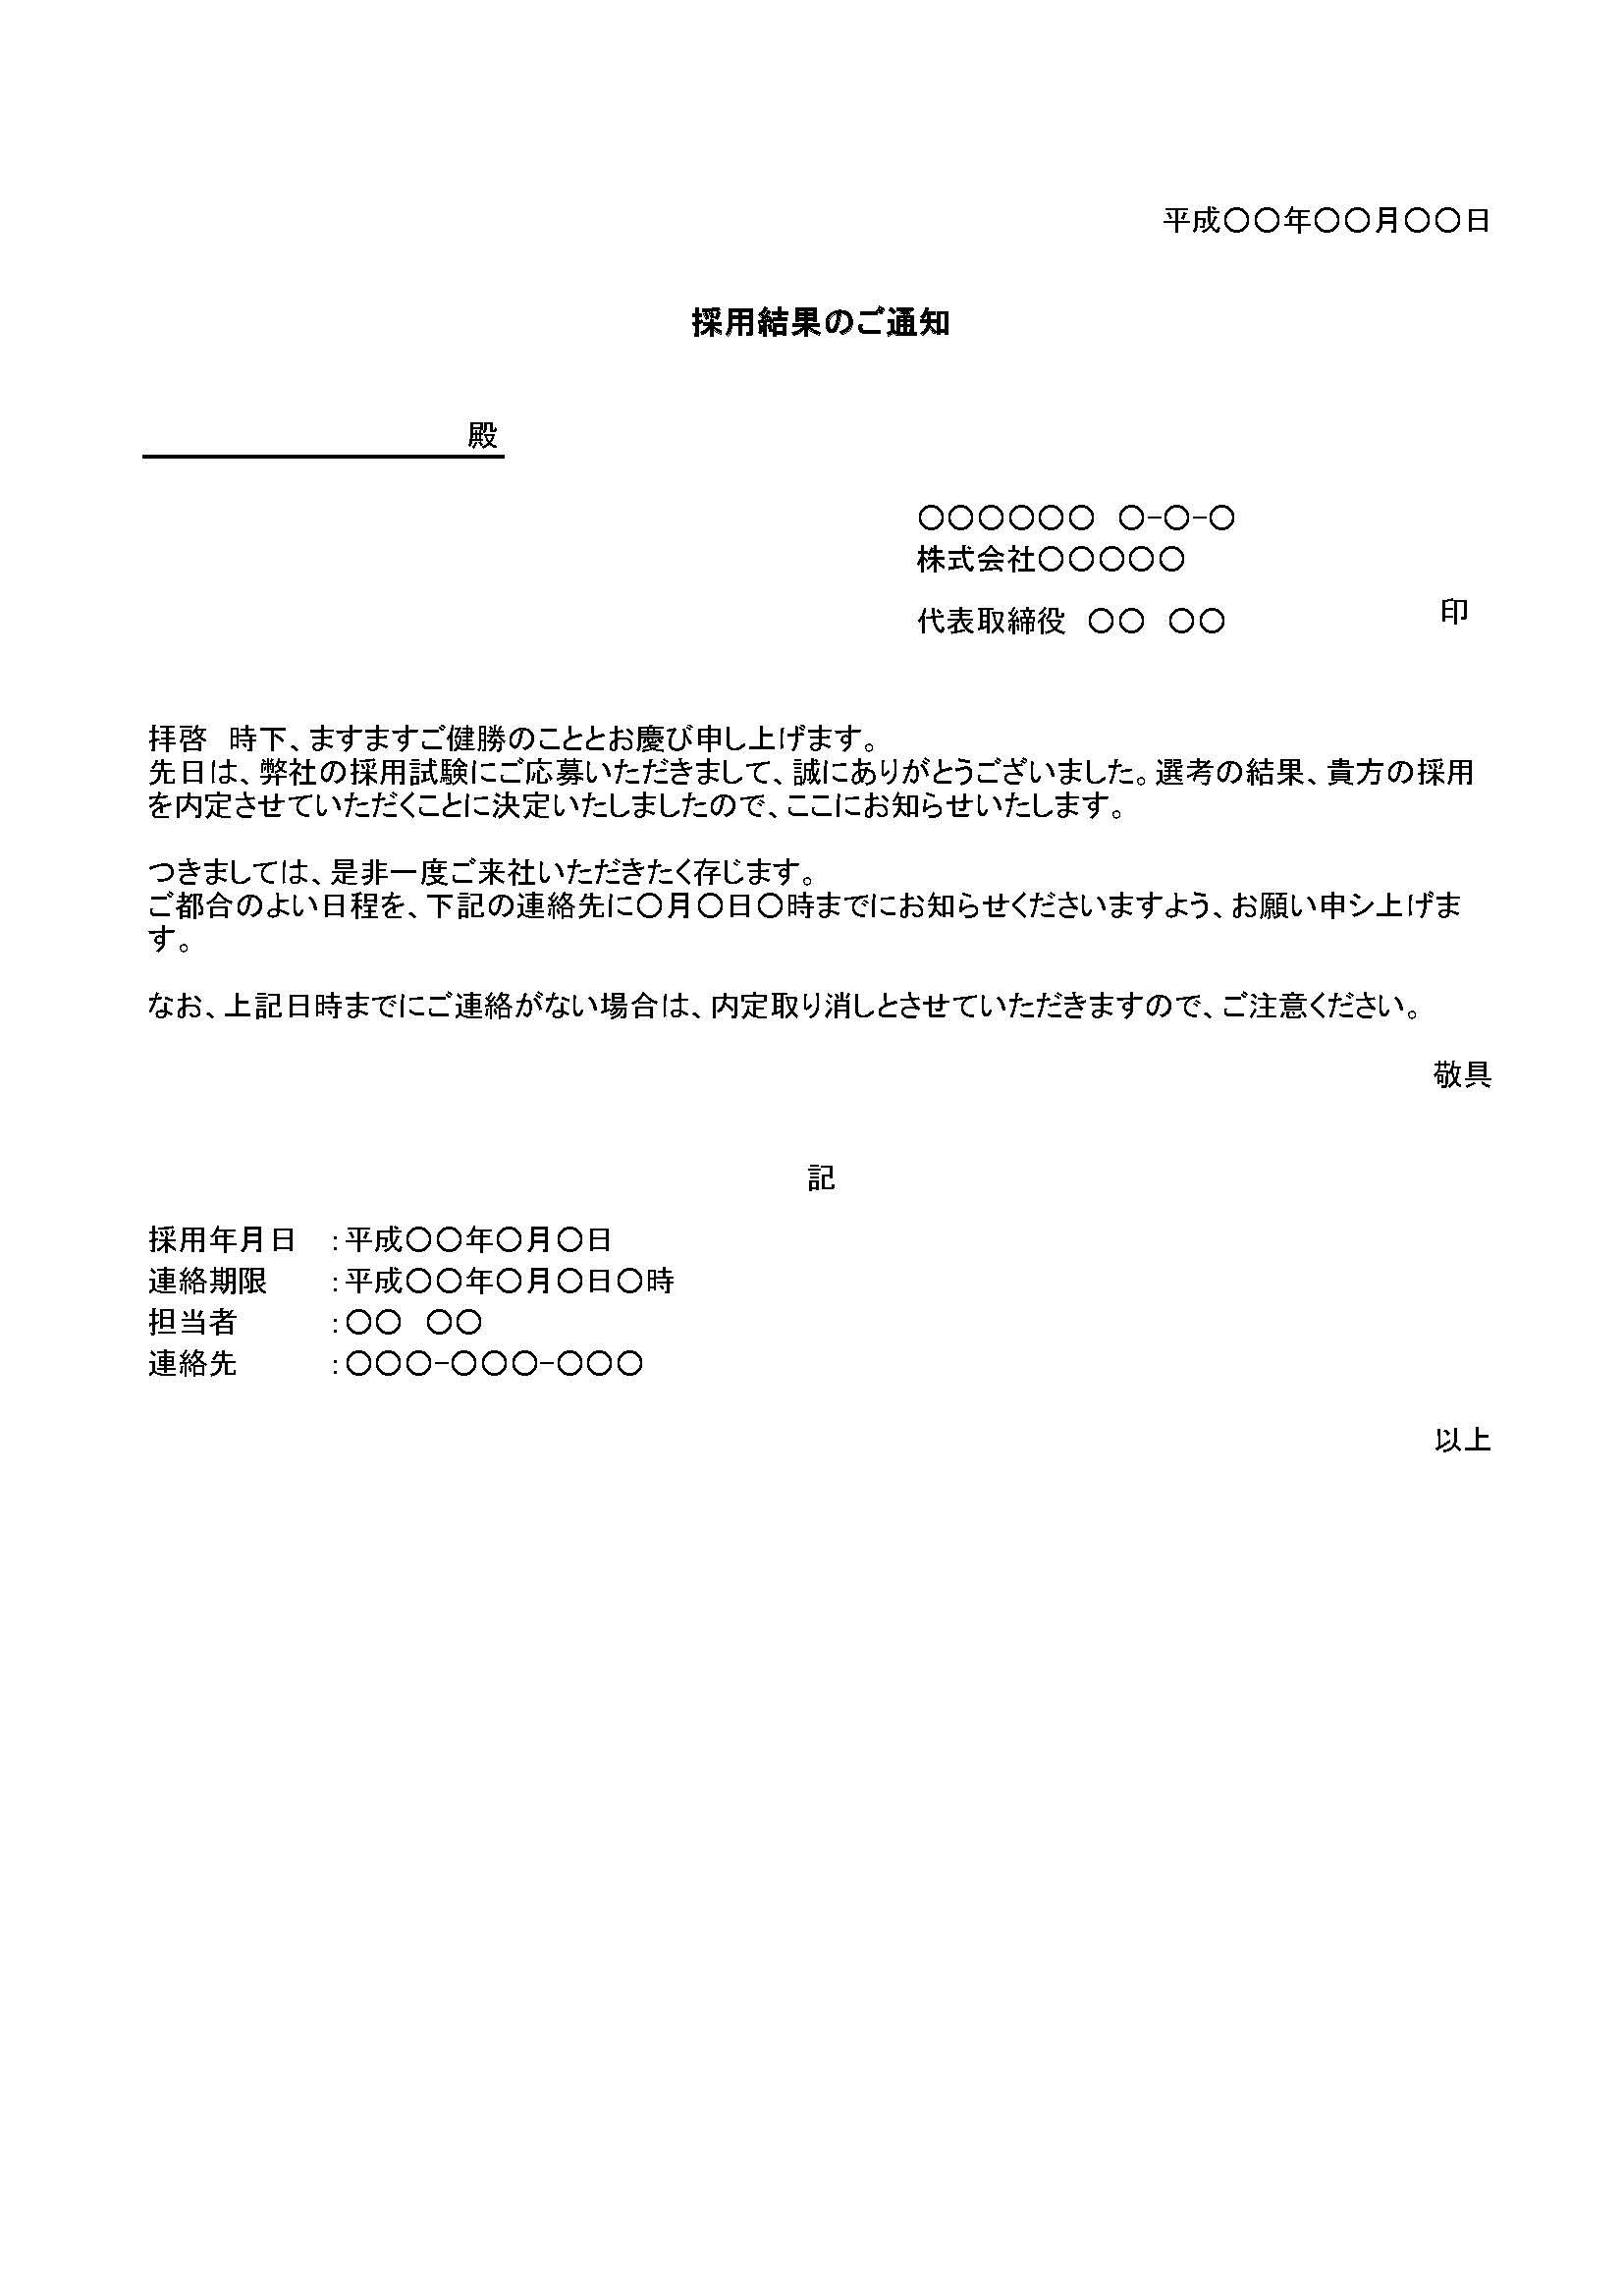 内定通知書(一般採用試験)